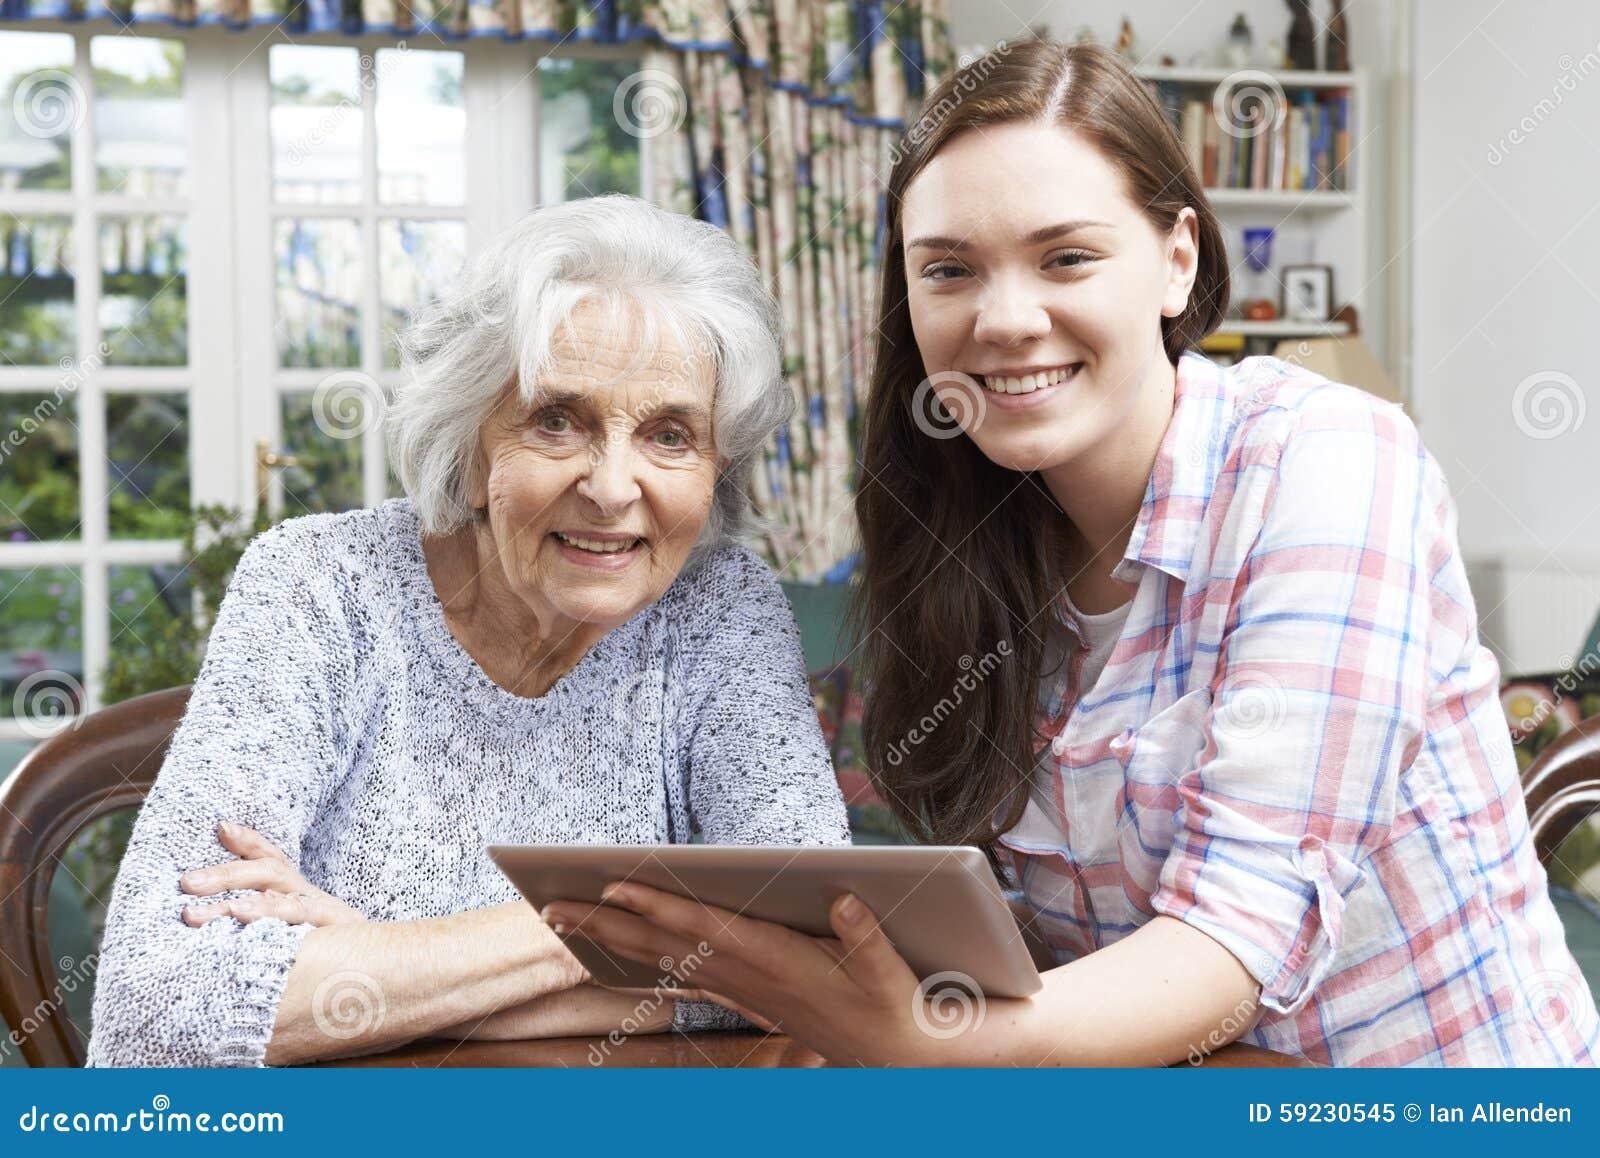 Download A Abuela Adolescente De La Nieta Mostrando Cómo Utilizar La Etiqueta De Digitaces Imagen de archivo - Imagen de cómo, ordenador: 59230545